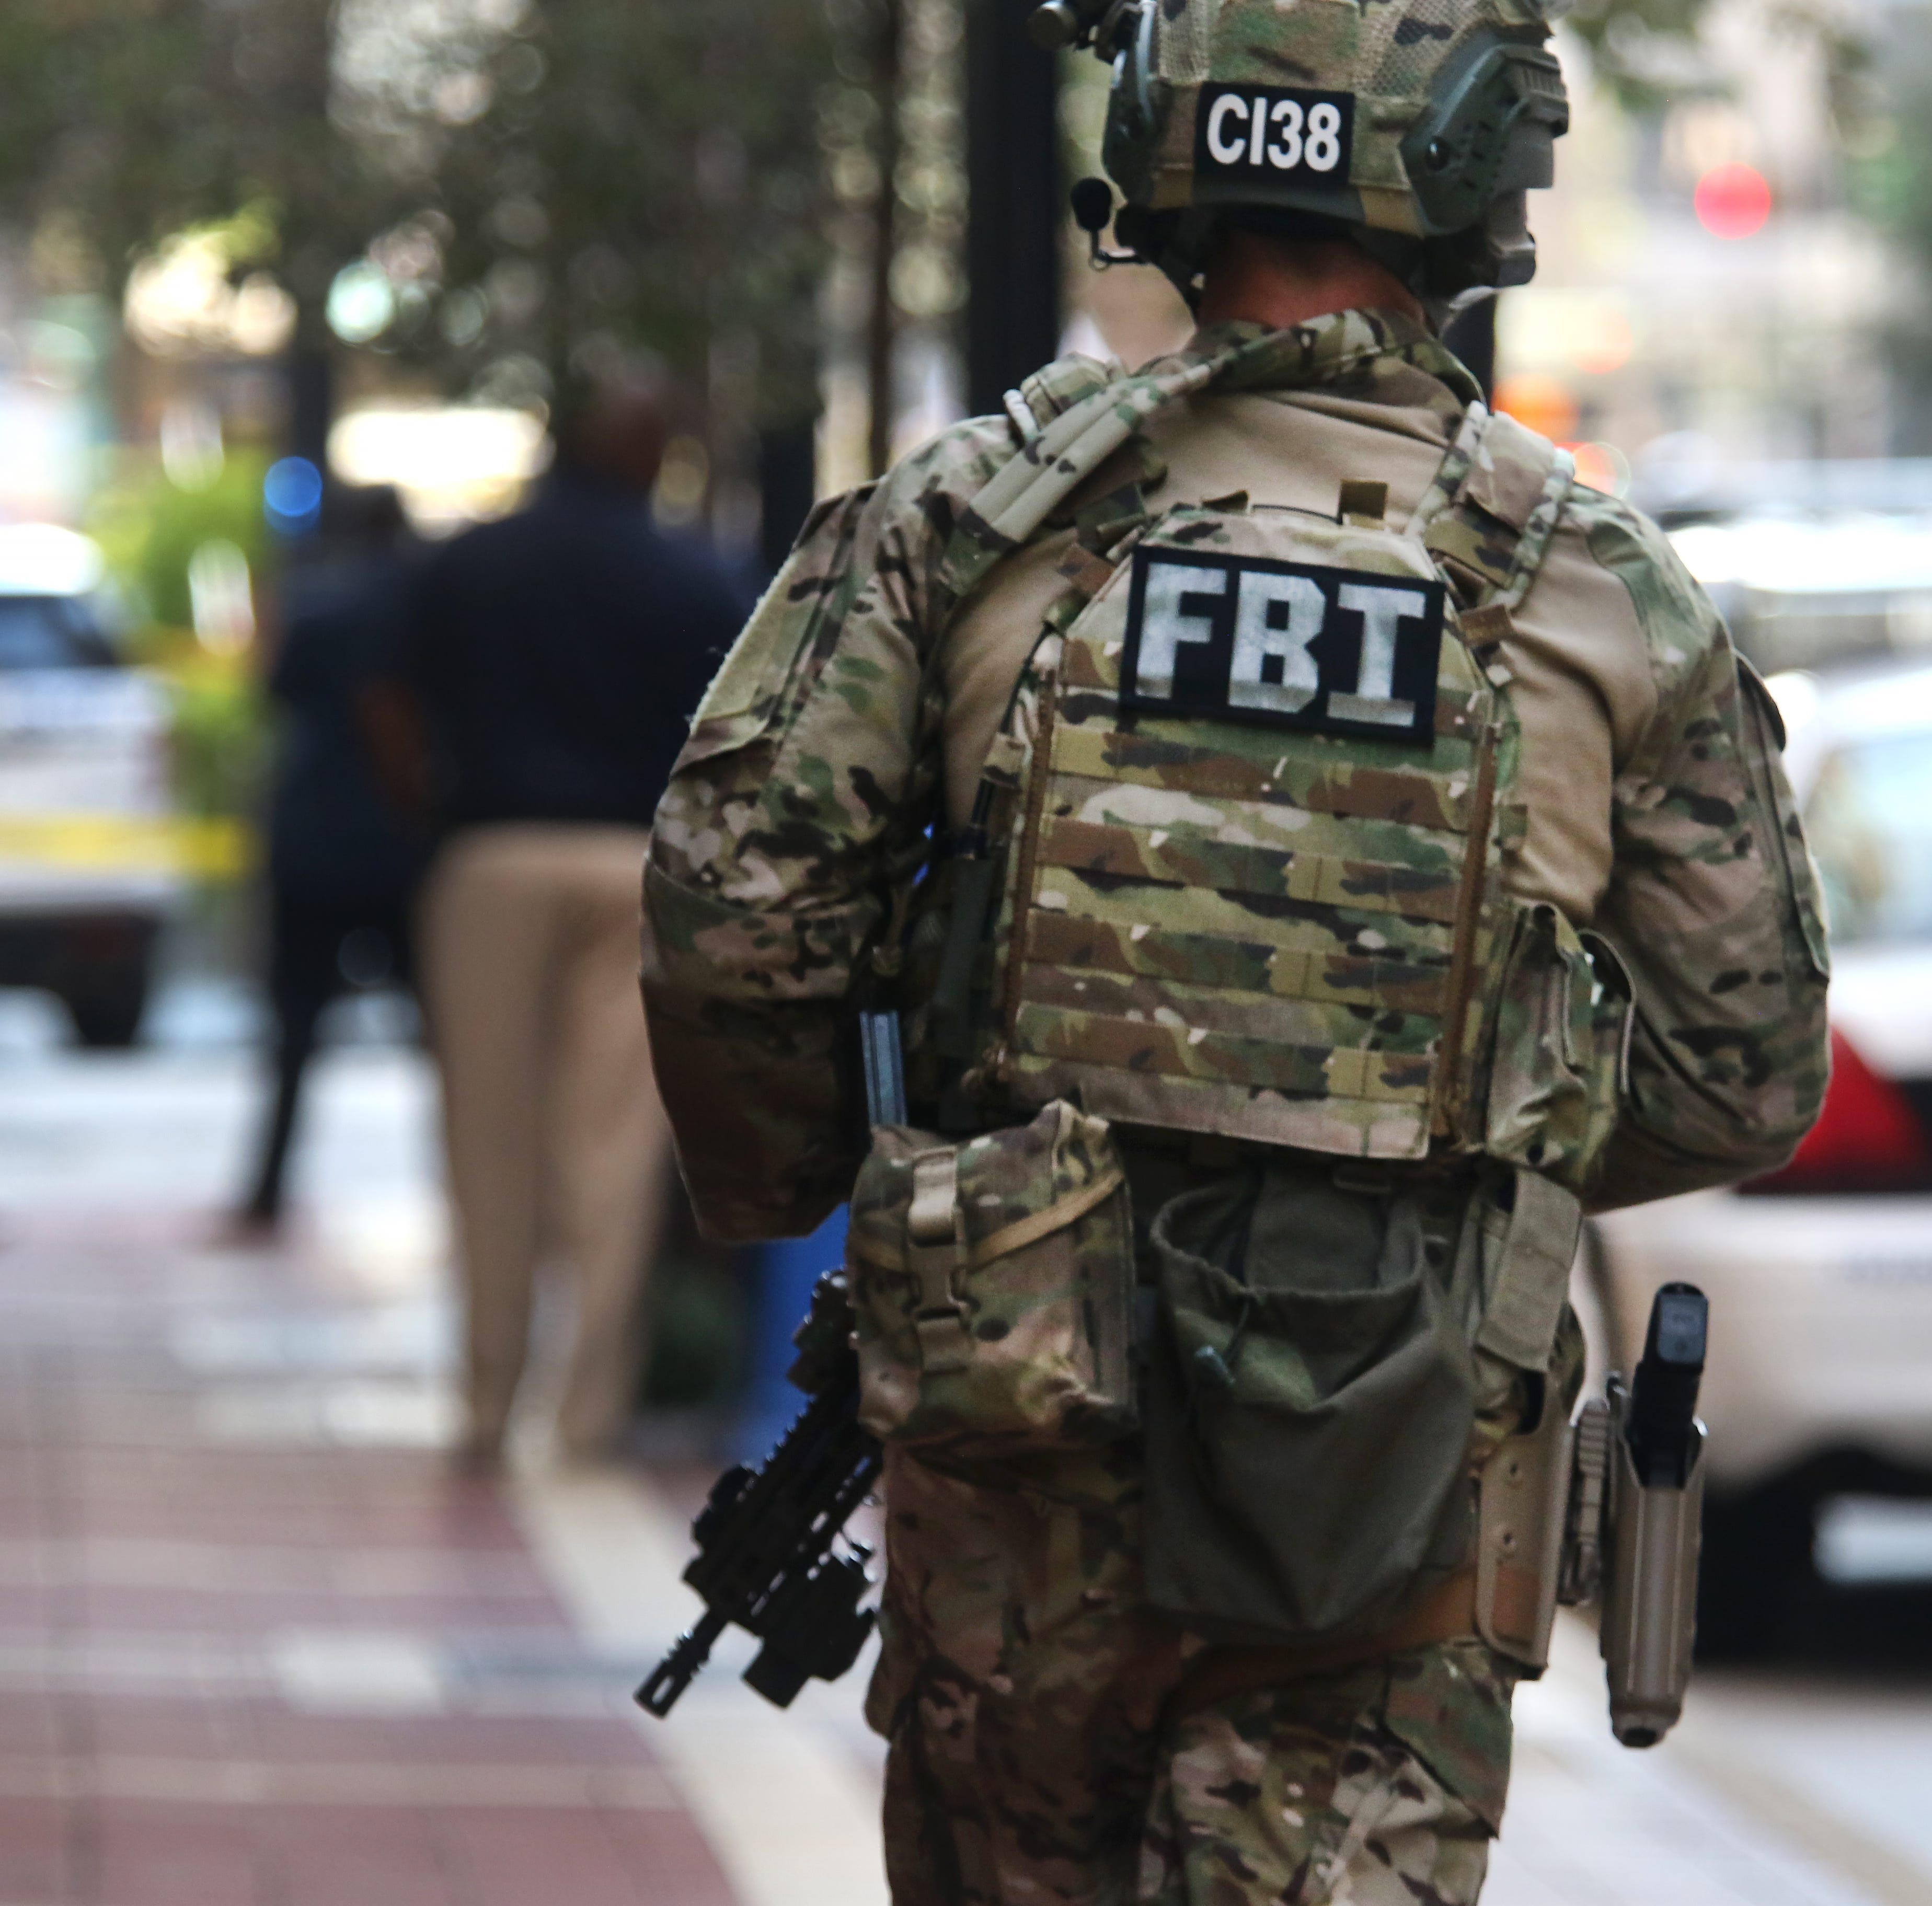 #CincinnatiStrong, #CincyStrong emerge on Twitter in wake of fatal shooting in Downtown Cincinnati